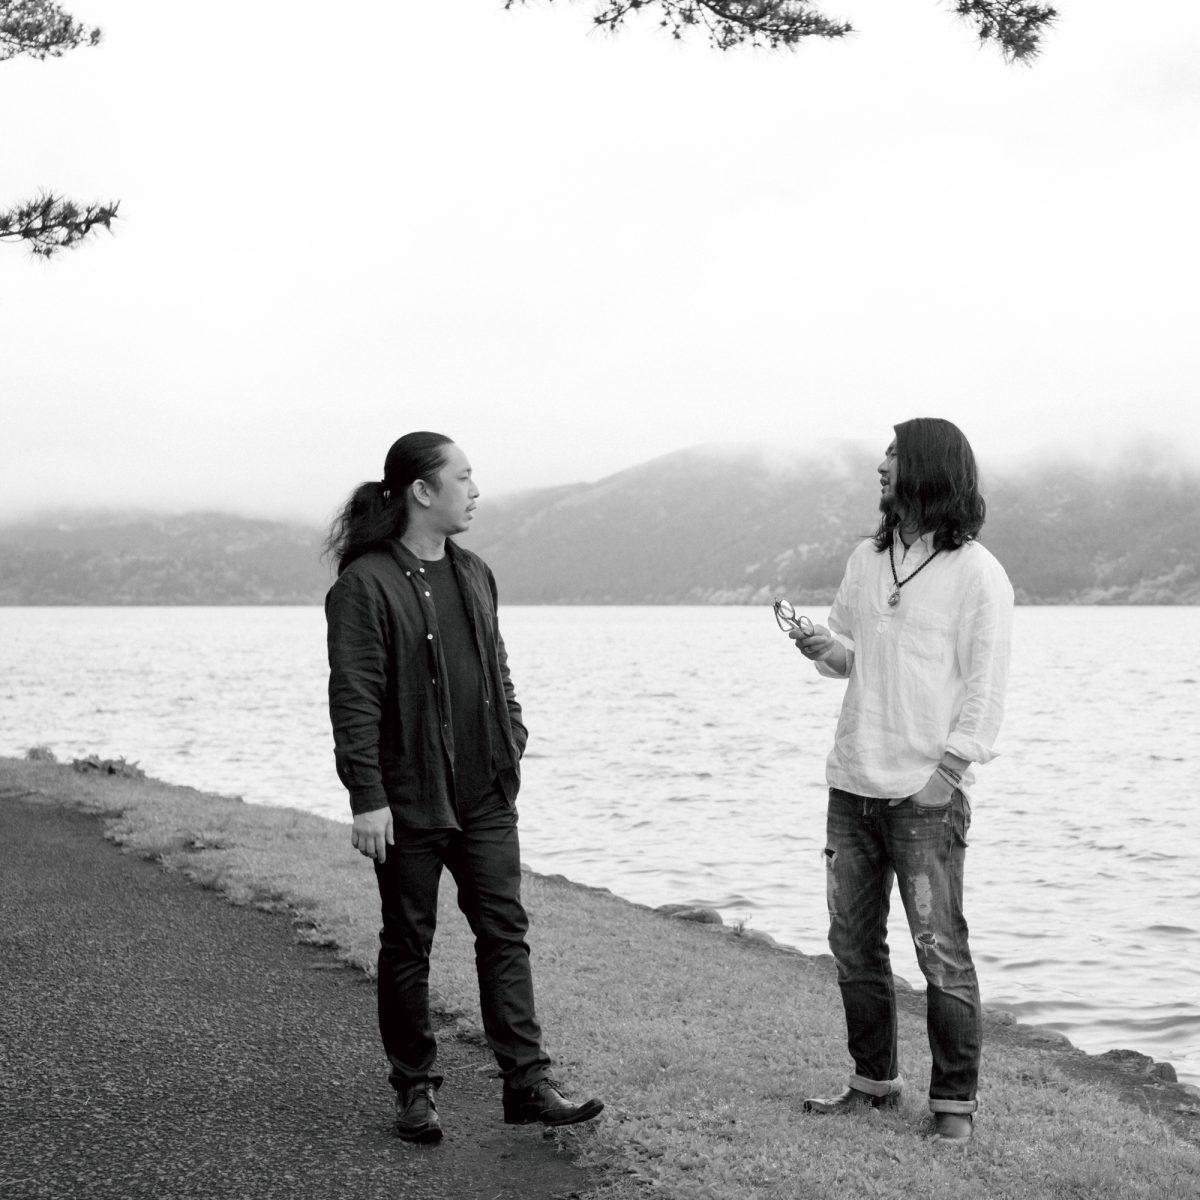 Hummock Label|藤本一馬 - 伊藤志宏|Wavenir ウェヴニール CD|グラフィックデザイン 写真